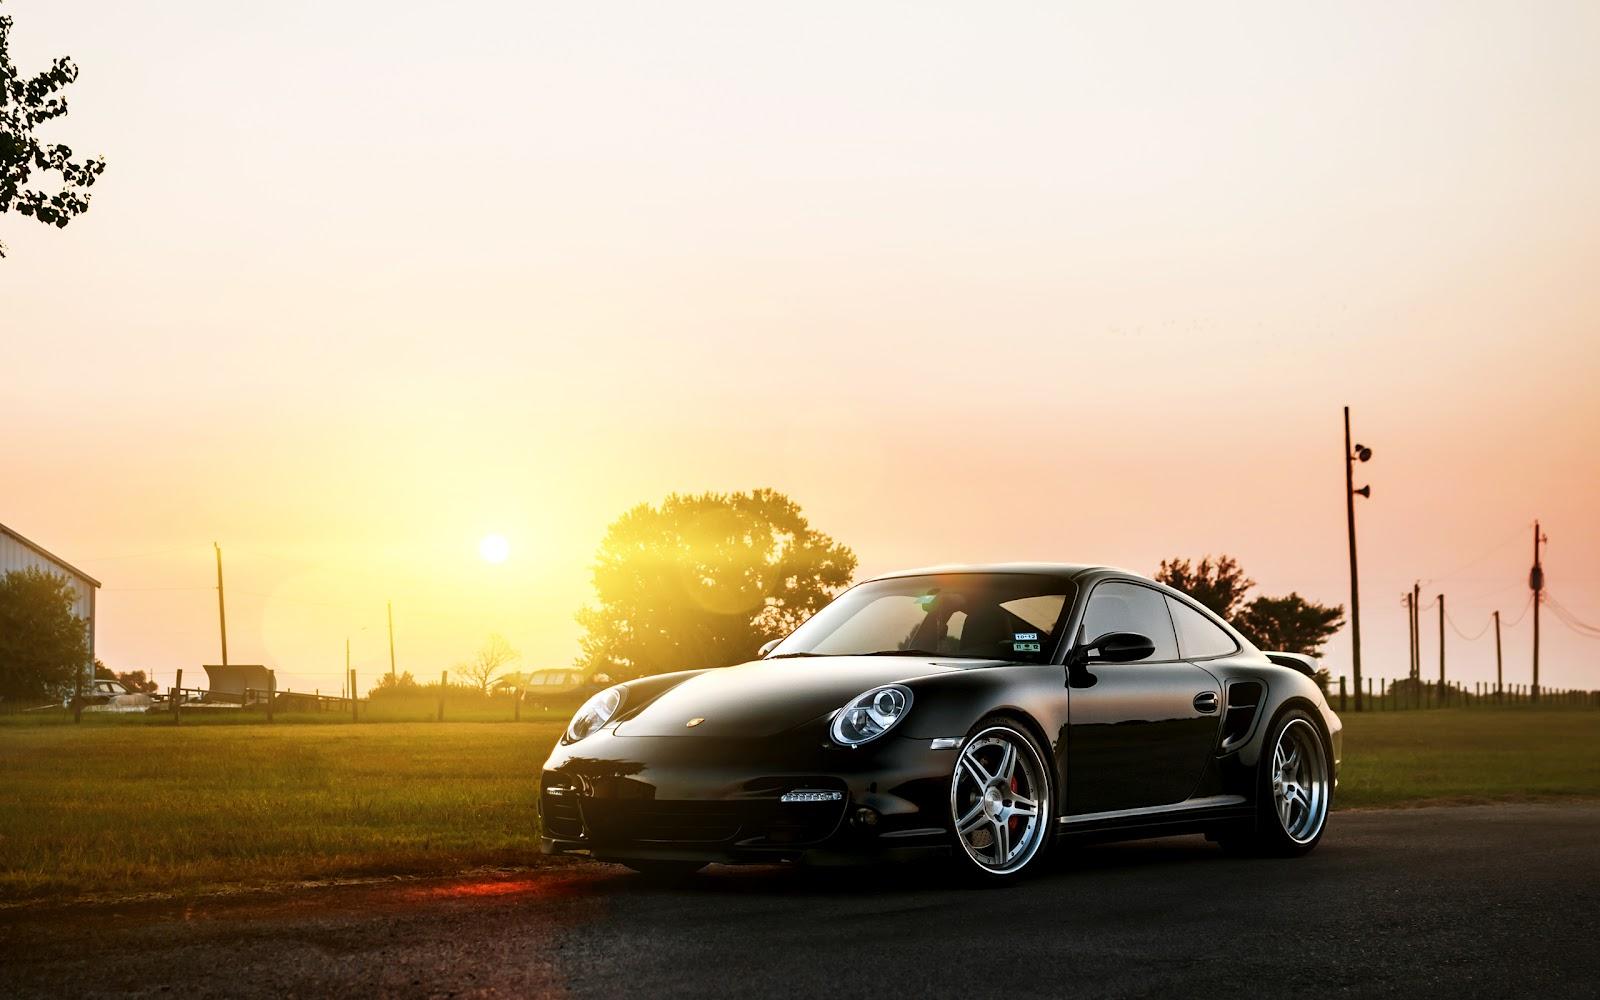 Porsche 911 Turbo 997 Fondos de Pantalla de Carros Deportivos